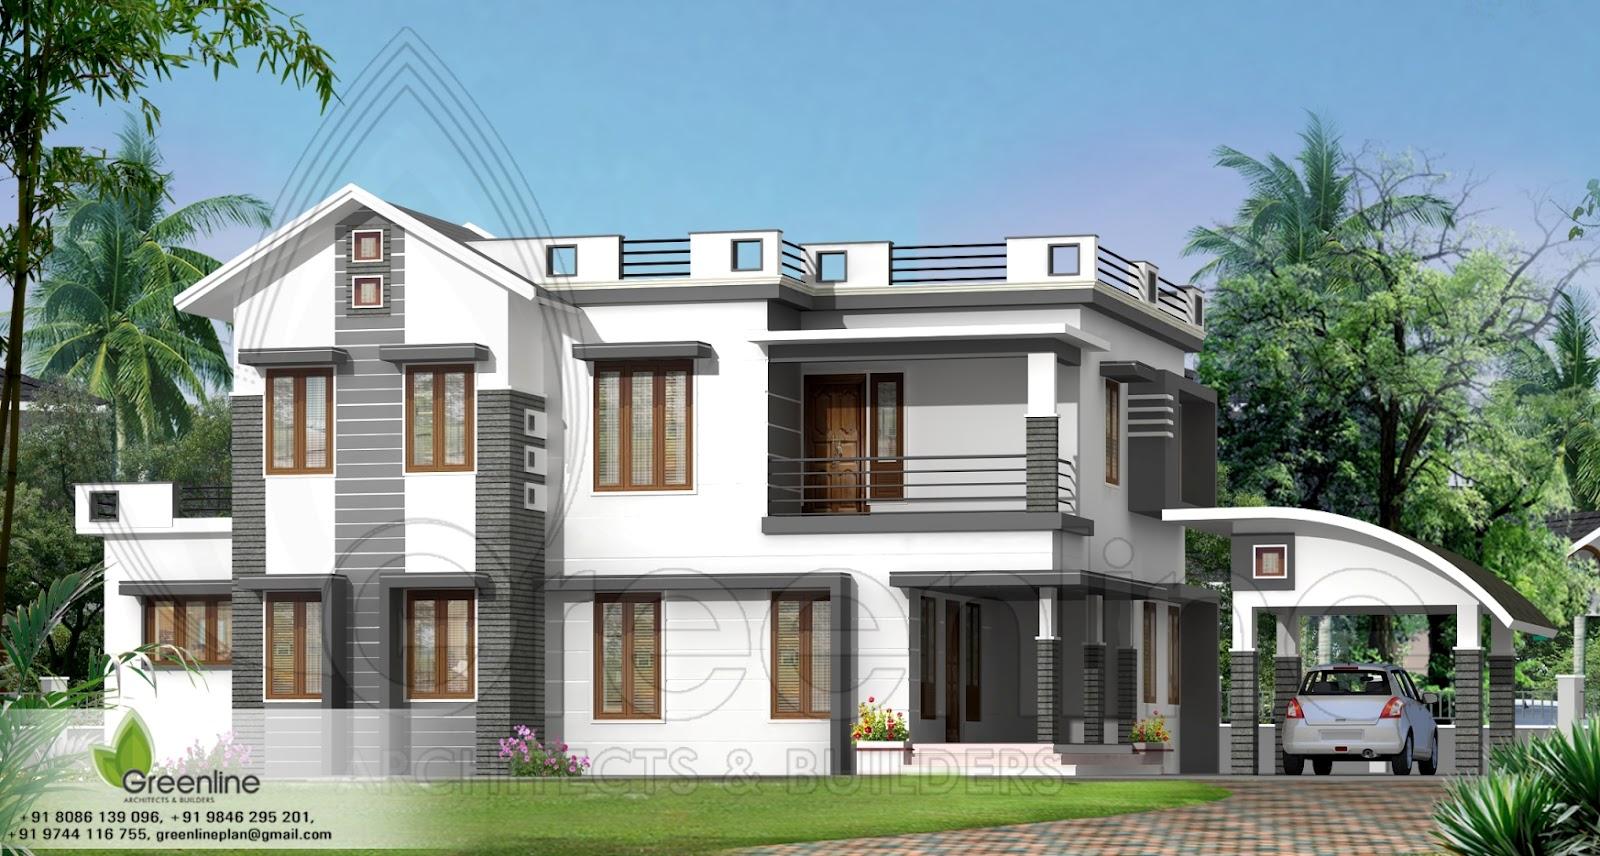 3D Wallpaper For Homes WallpaperSafari